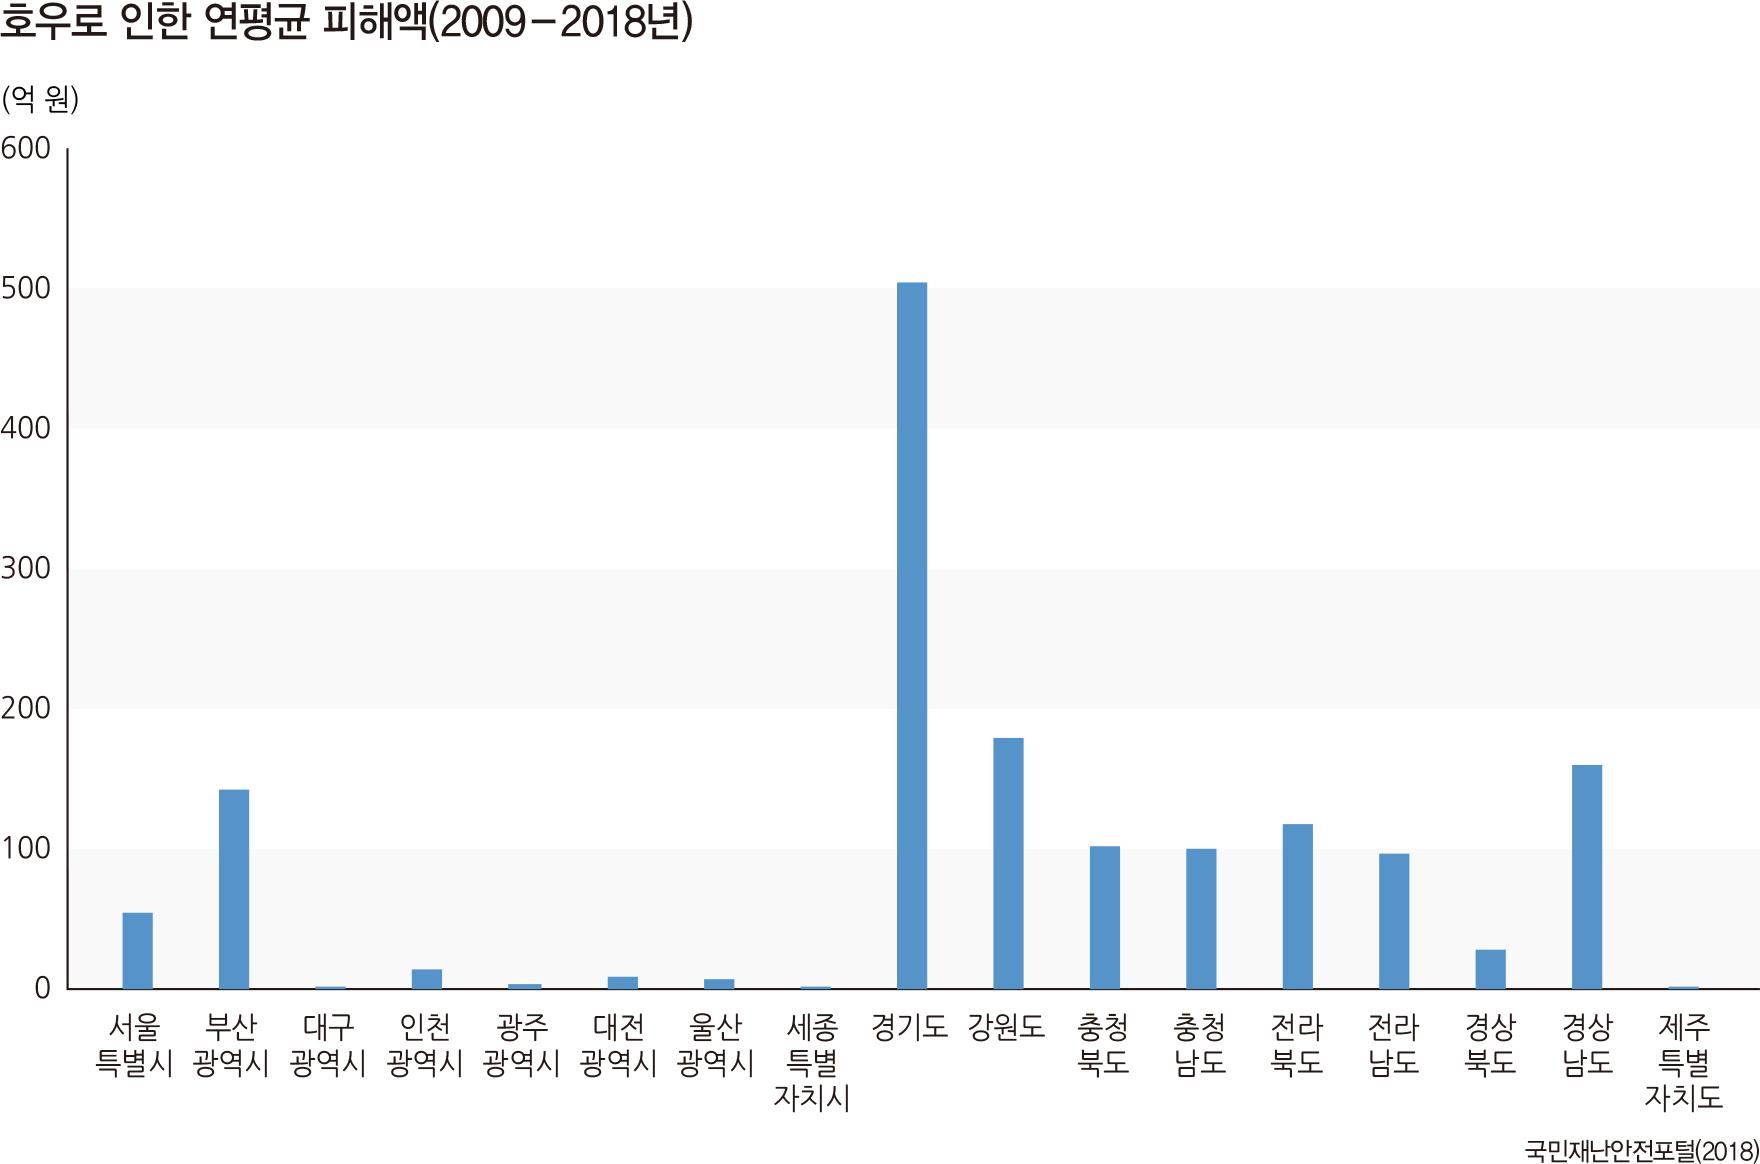 호우로 인한 연평균 피해액(2009-2018년)